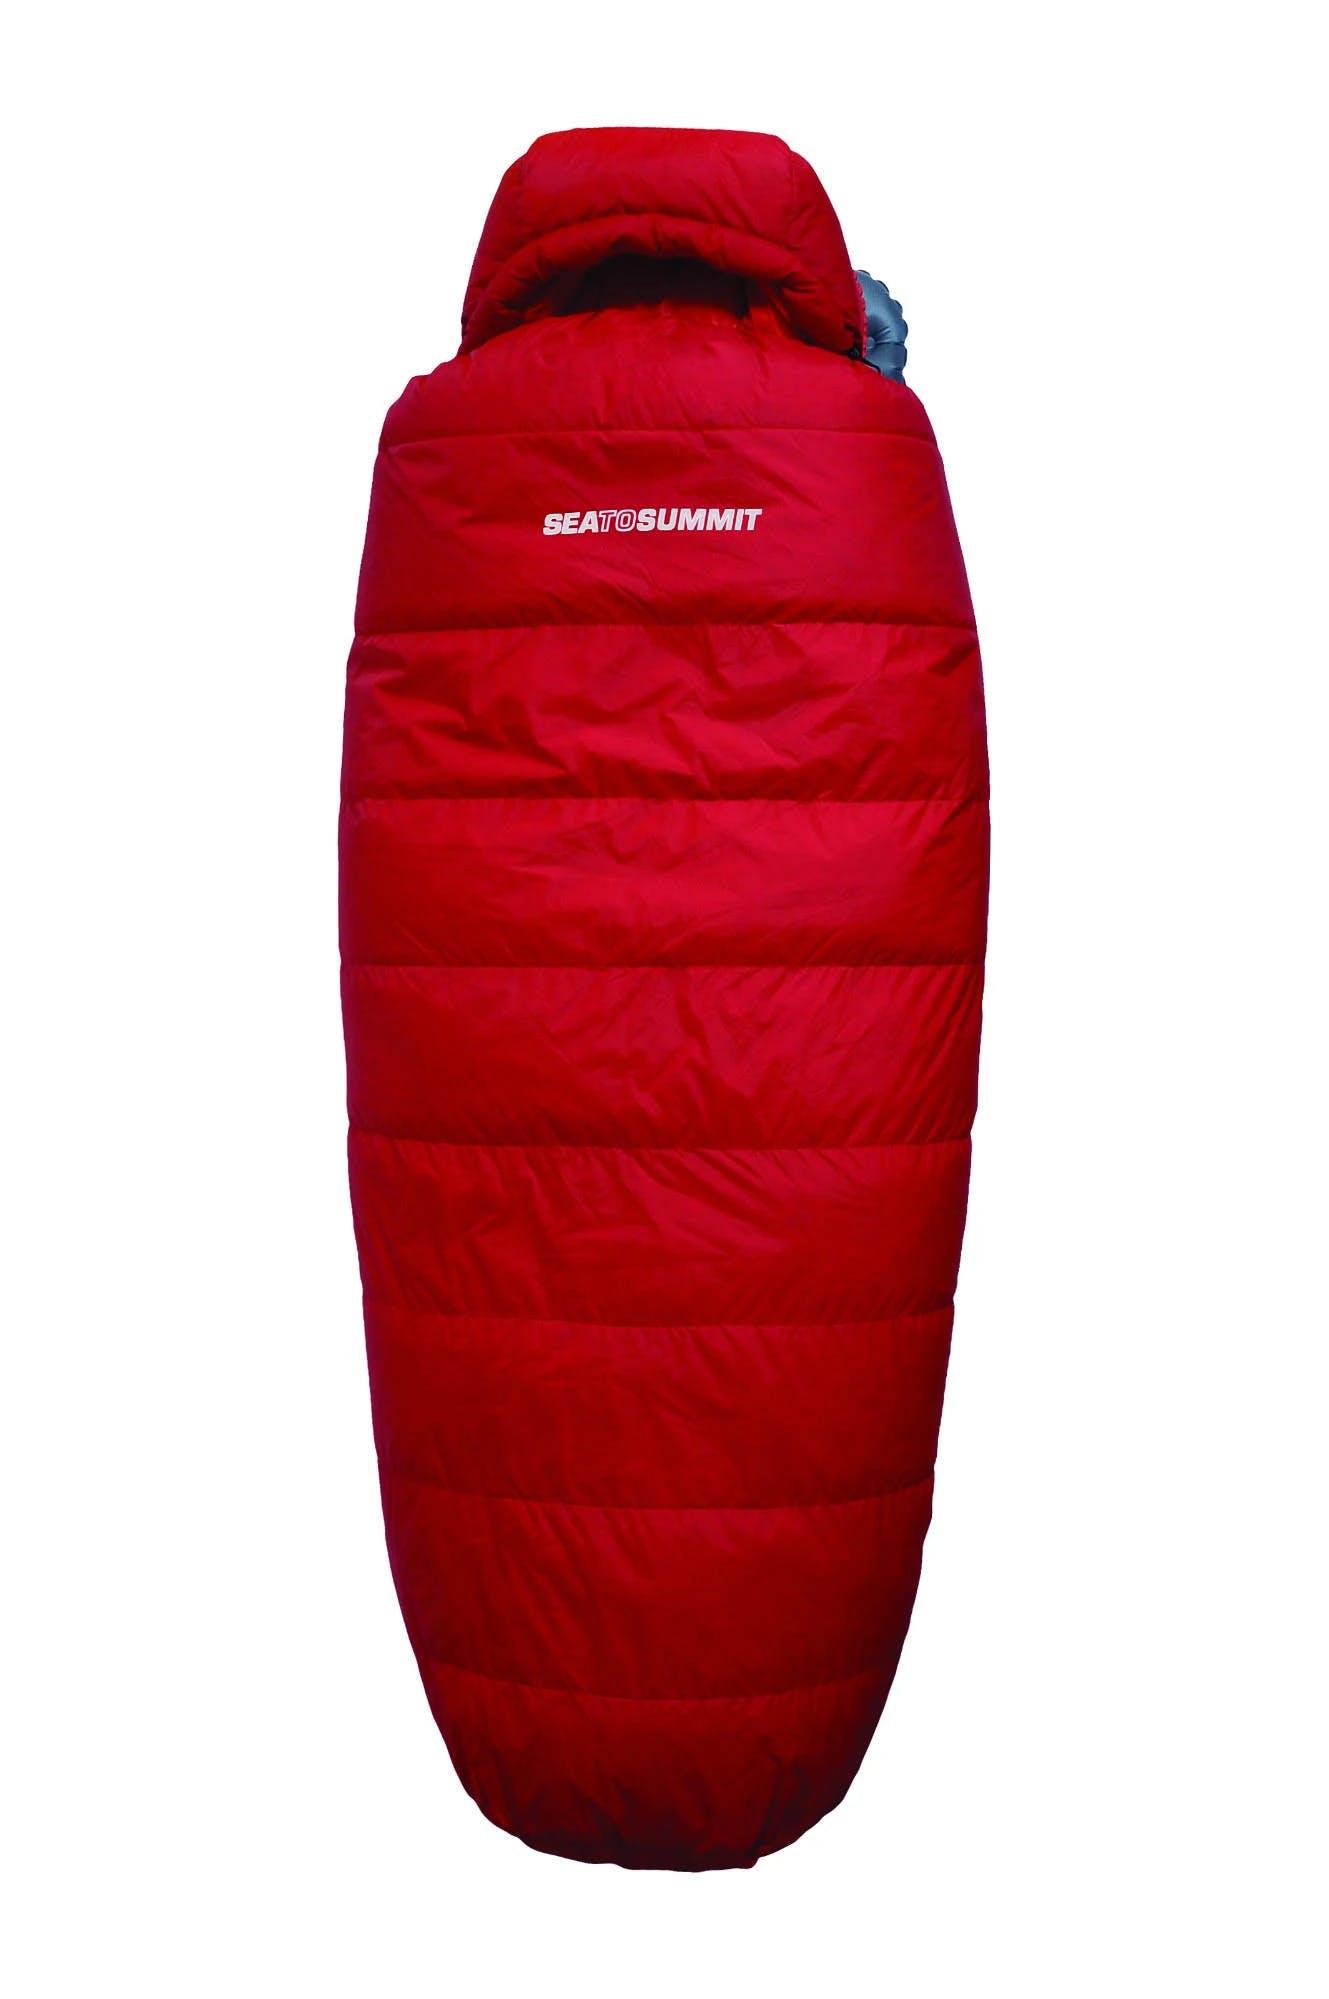 Sea to Summit Basecamp BC II Down Sleeping Bag - Regular